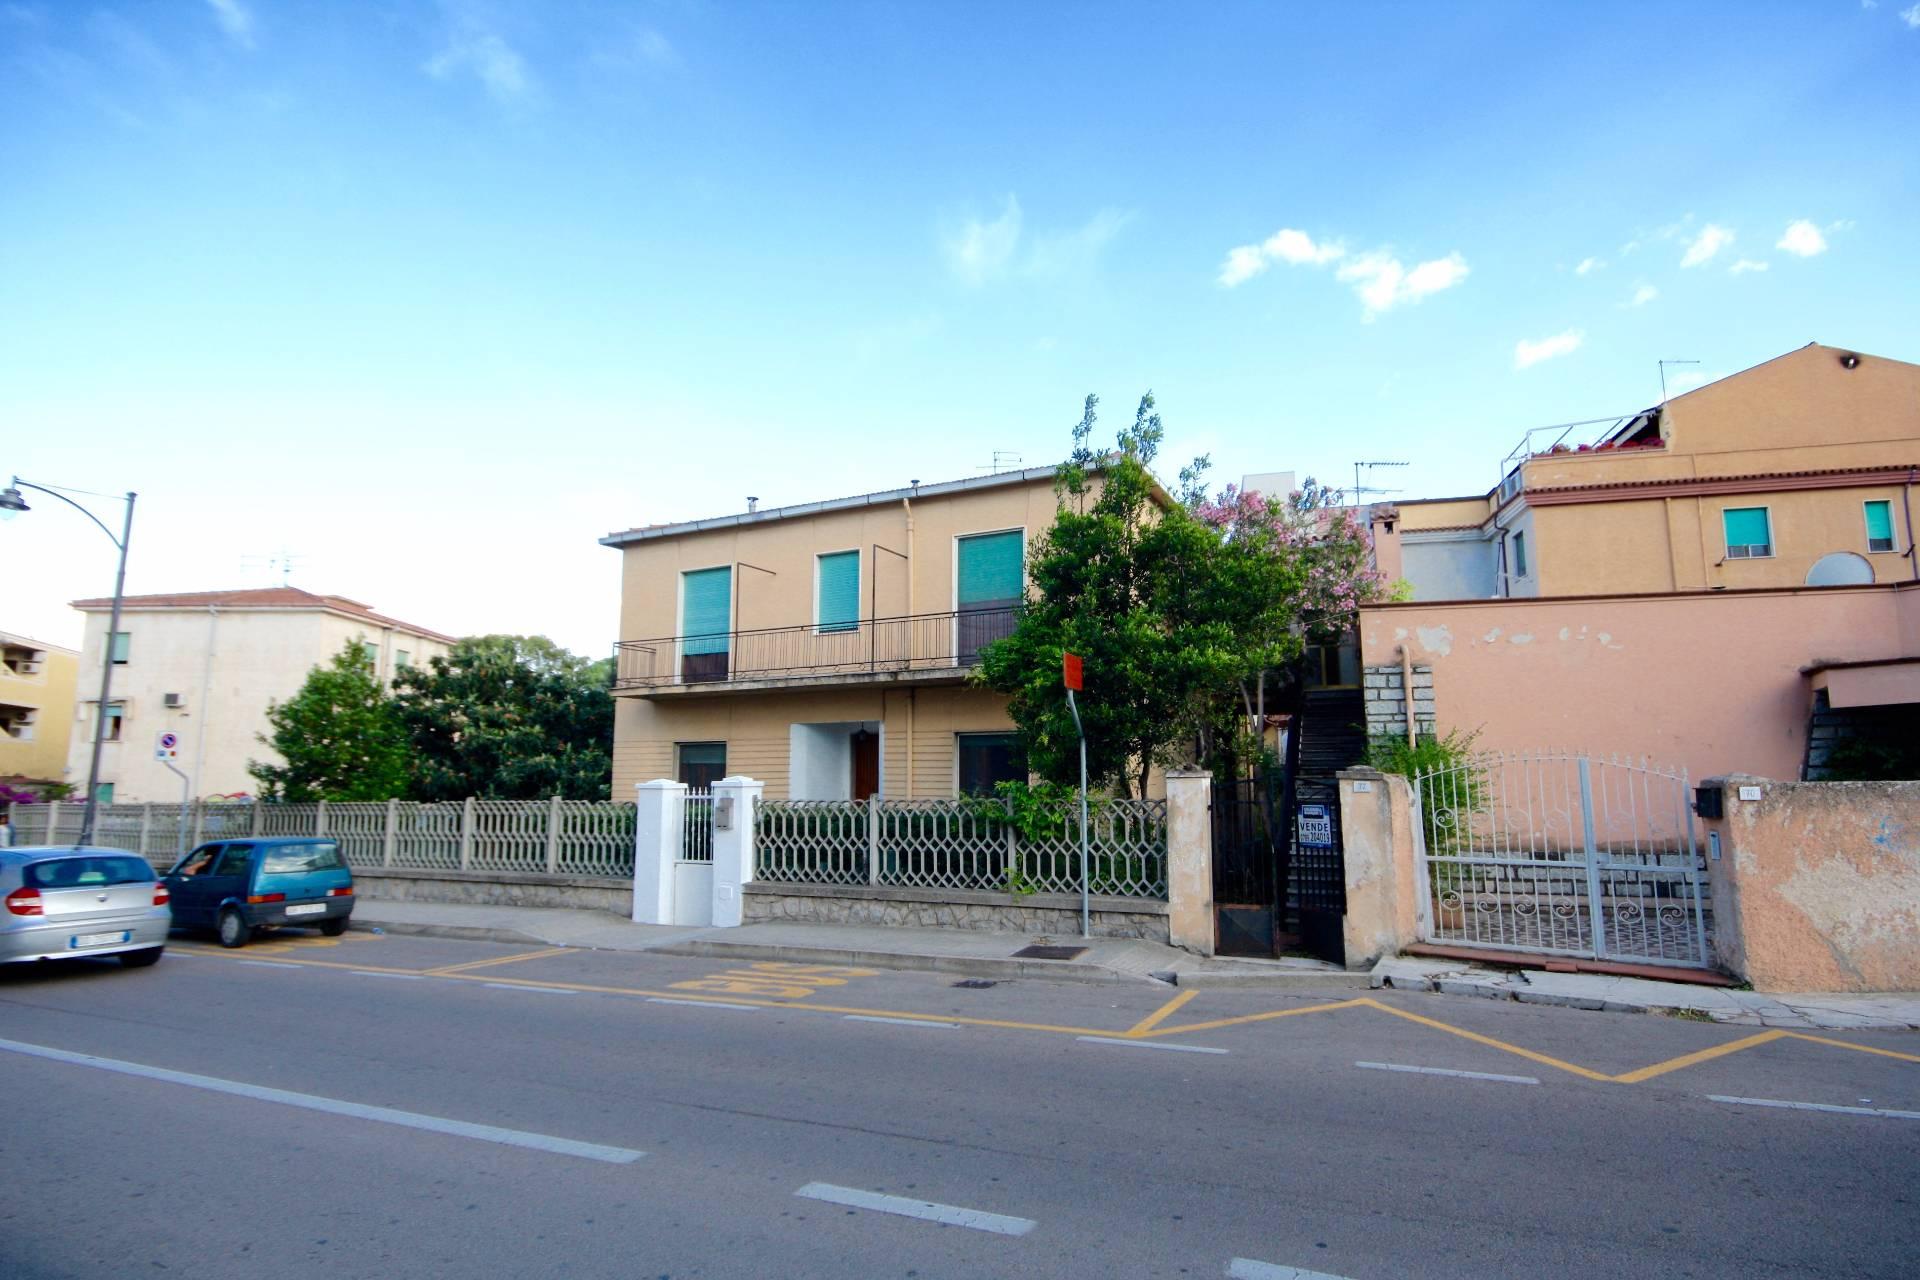 Appartamento in vendita a Olbia - Porto Rotondo, 5 locali, zona Località: Olbiacittà, prezzo € 170.000   CambioCasa.it